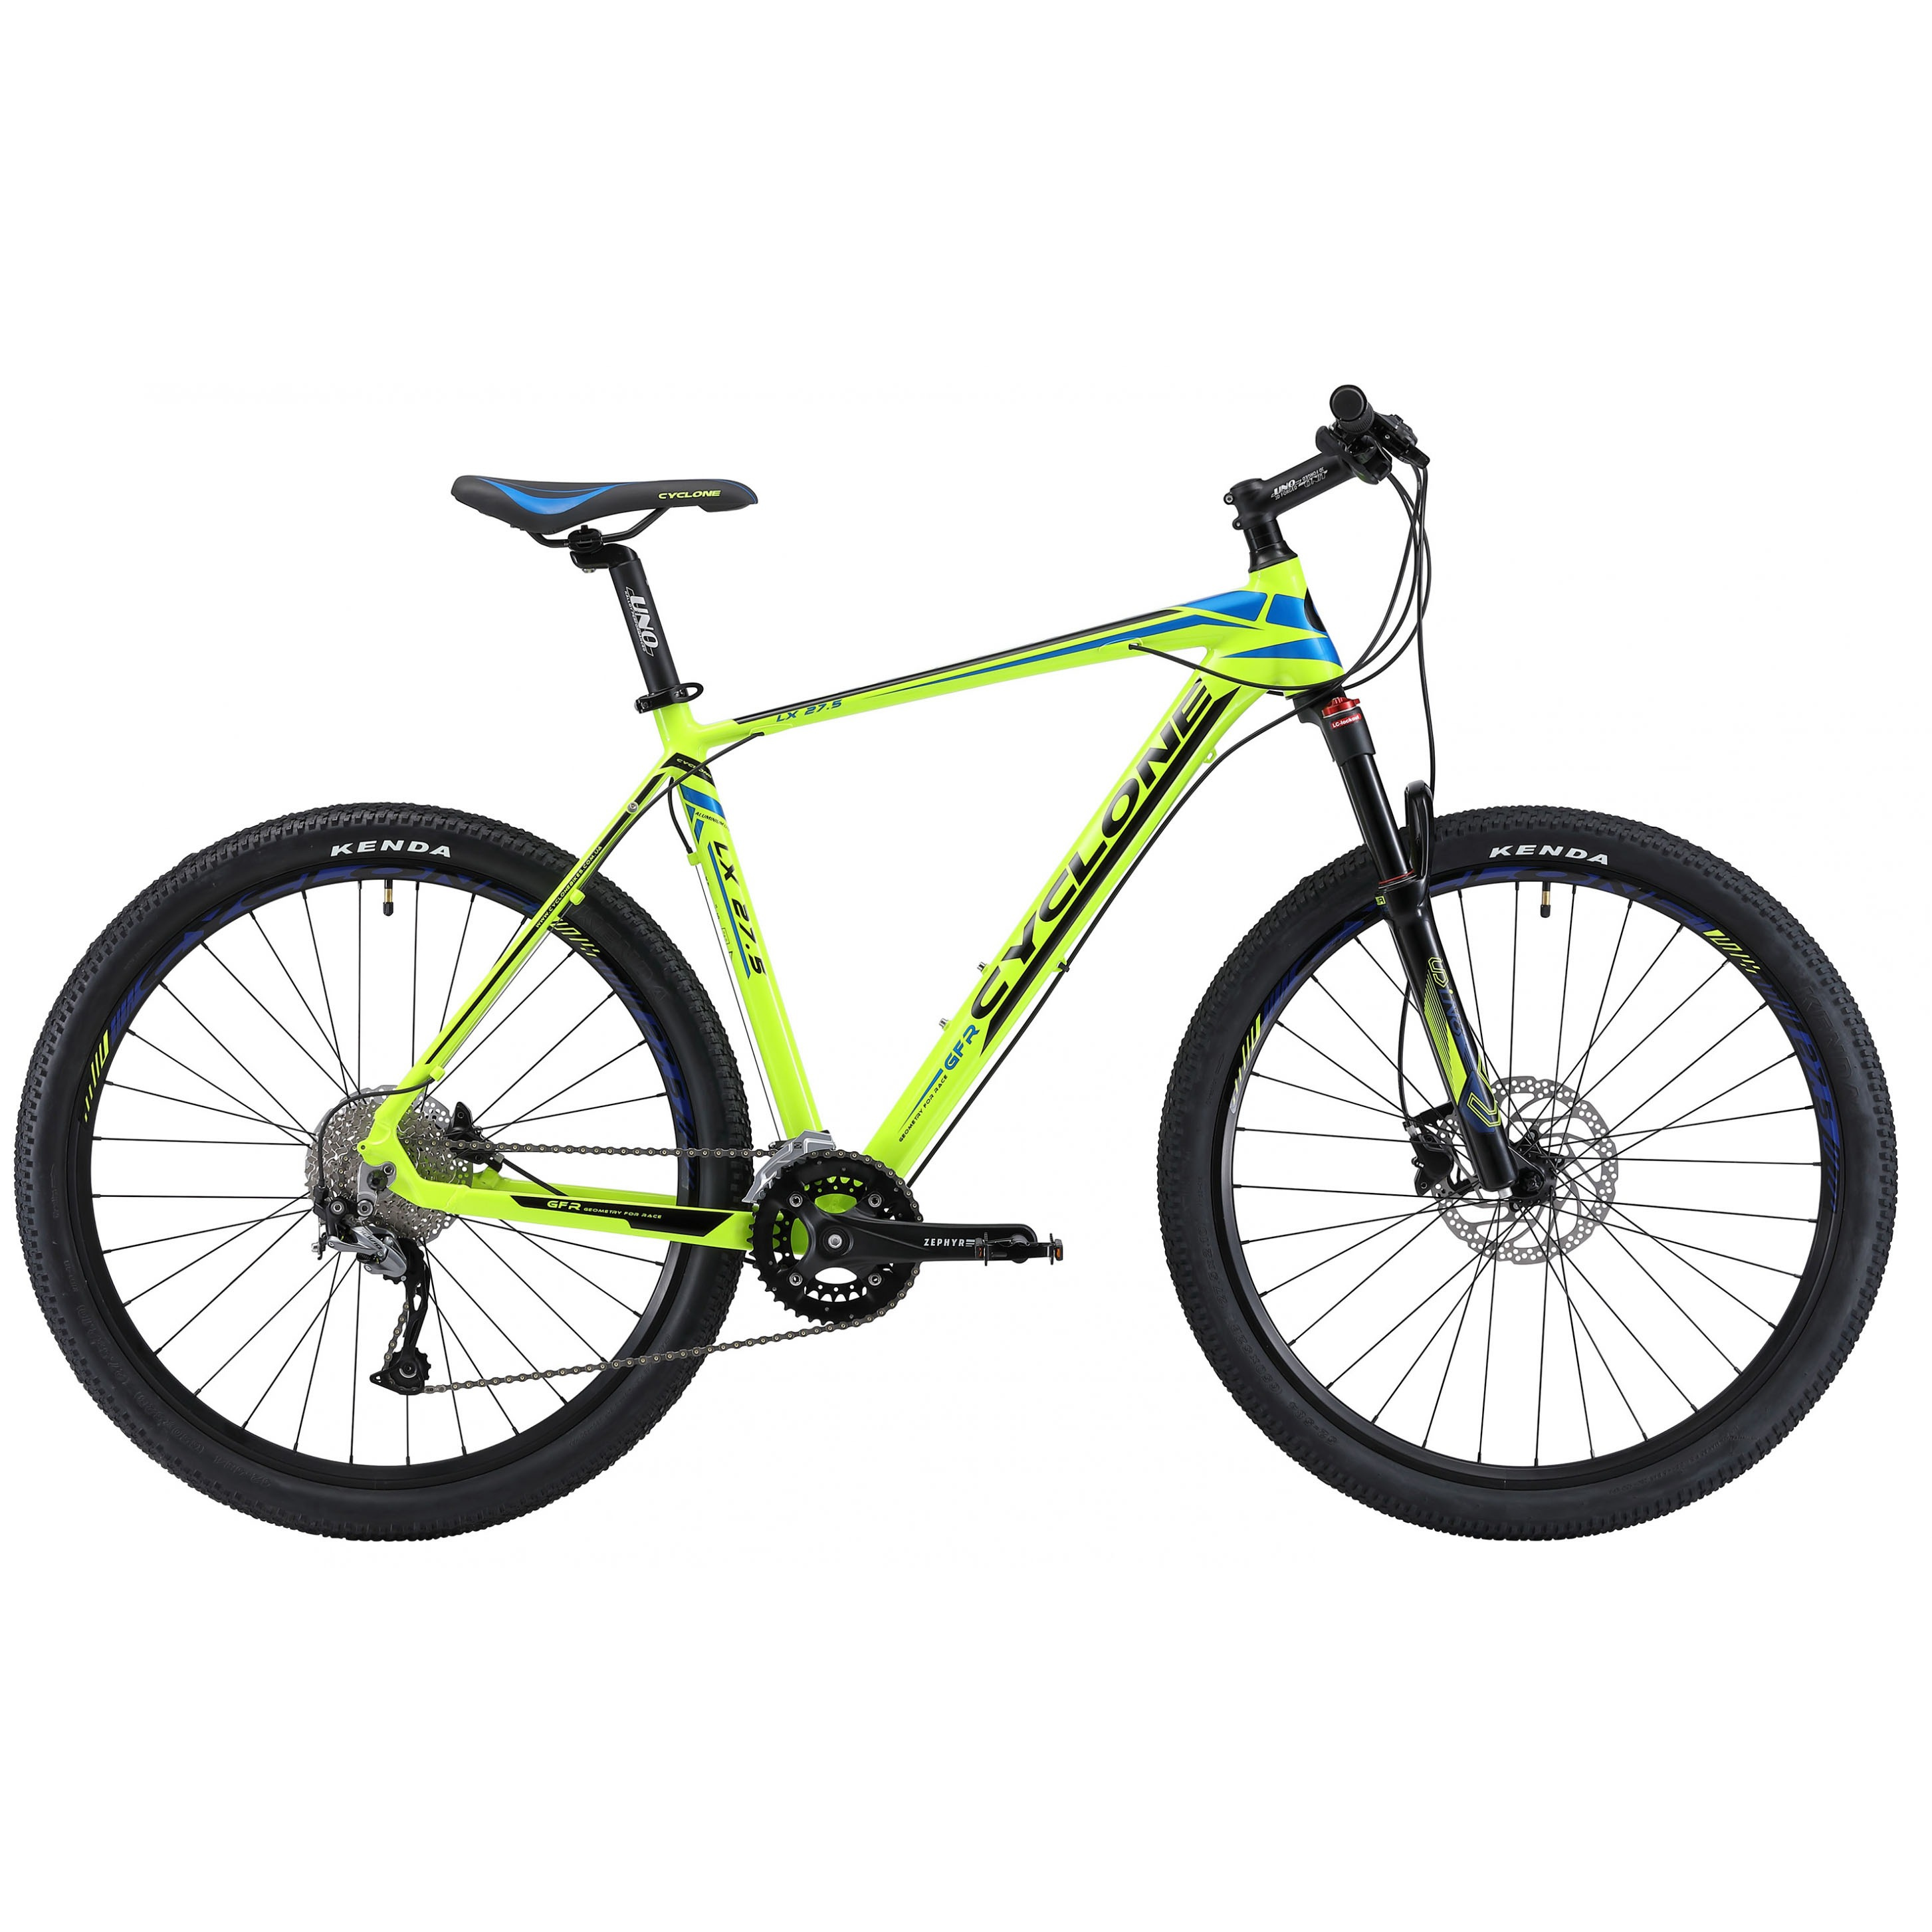 Фото Горный Велосипед Сyclone 27,5″ LX-650b  17″ (зелен-син)